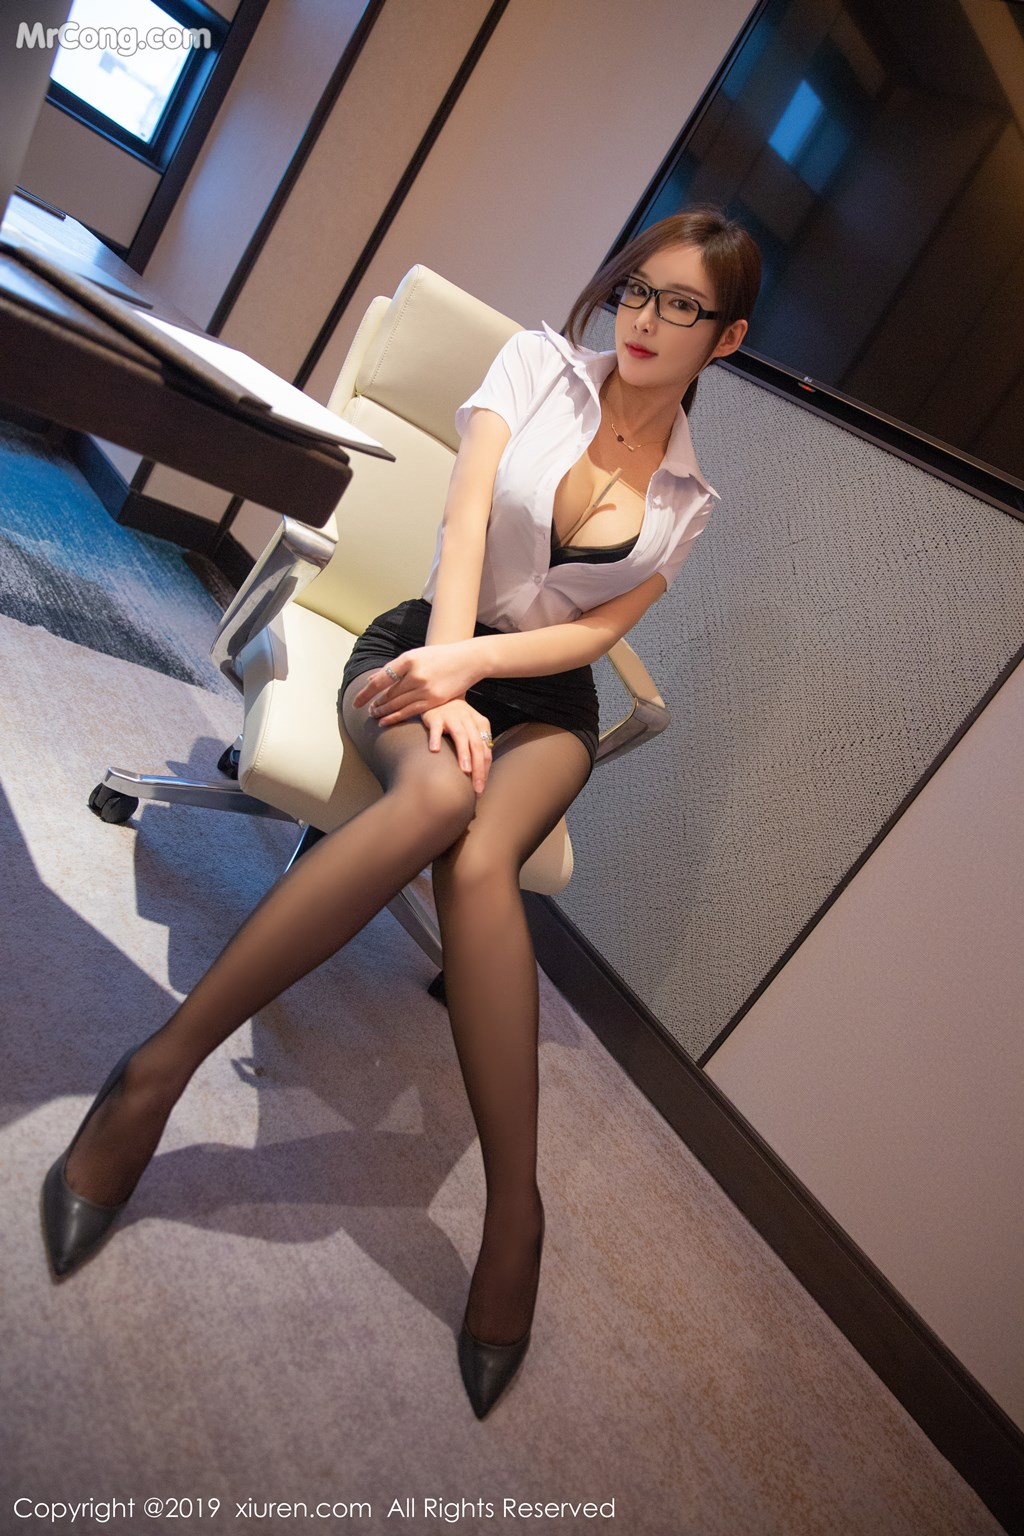 Image XIUREN-No.1301-Tu-Fei-Yuan-Ai-Cuo-Qiong-MrCong.com-010 in post XIUREN No.1301: Người mẫu 奶瓶土肥圆矮挫丑黑穷 (46 ảnh)